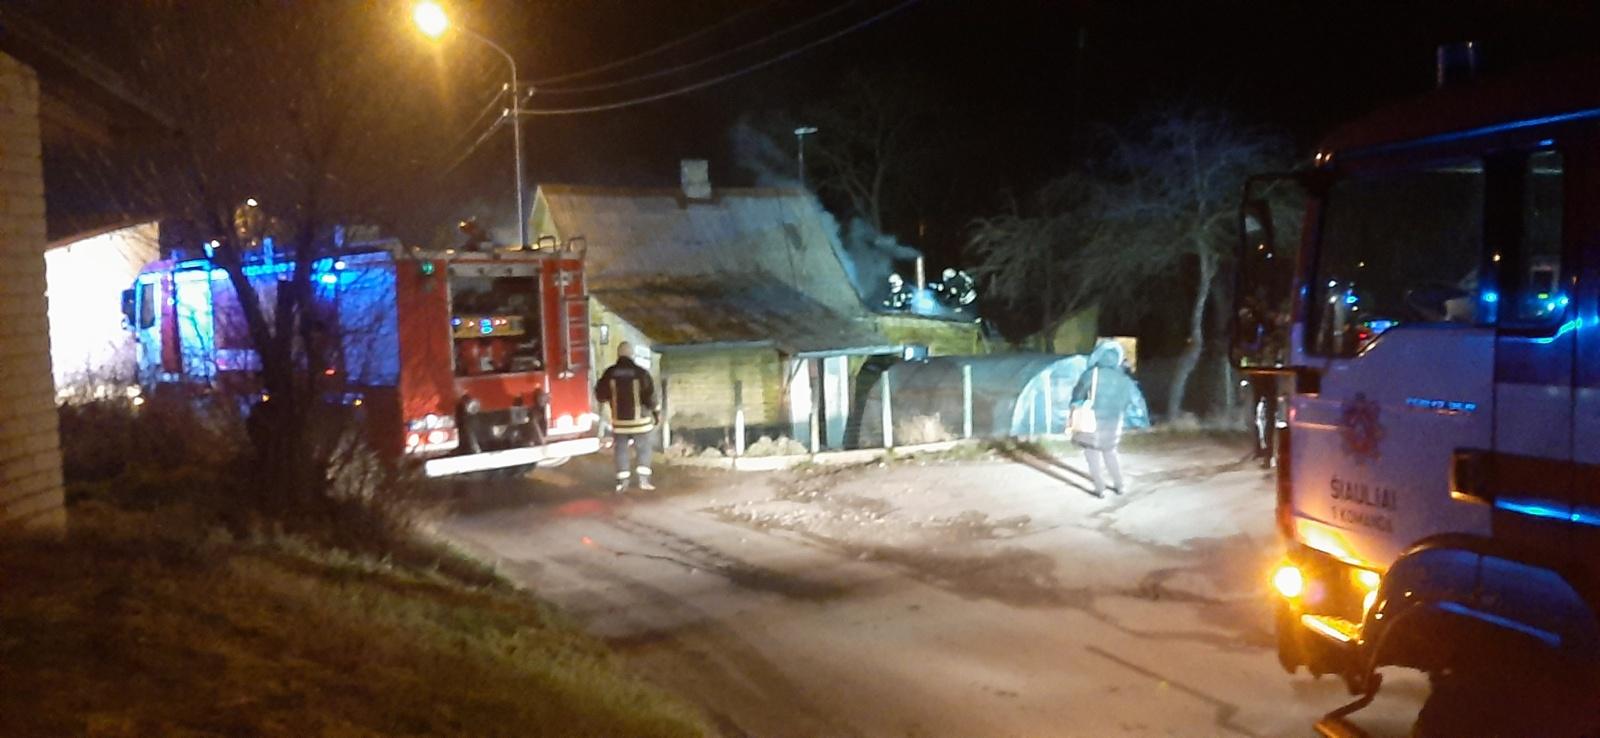 Šiauliuose gaisravietėje rastas sudegęs vyro kūnas